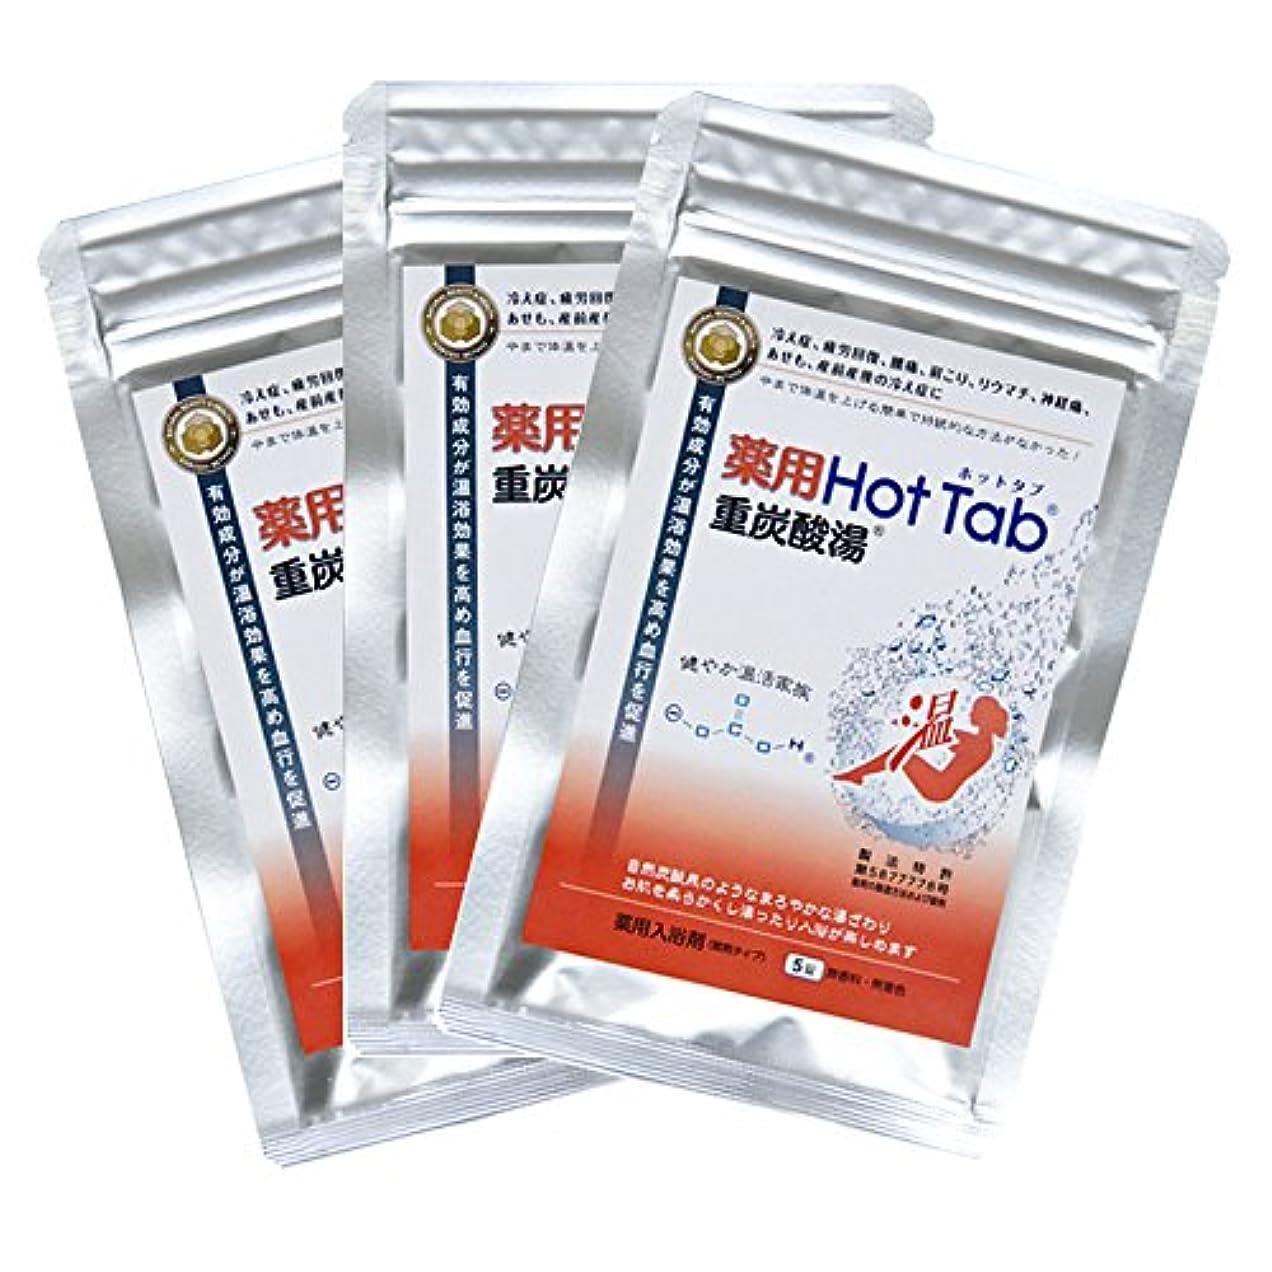 背が高い実装する見つける薬用 Hot Tab 重炭酸湯 5錠入りx3セット